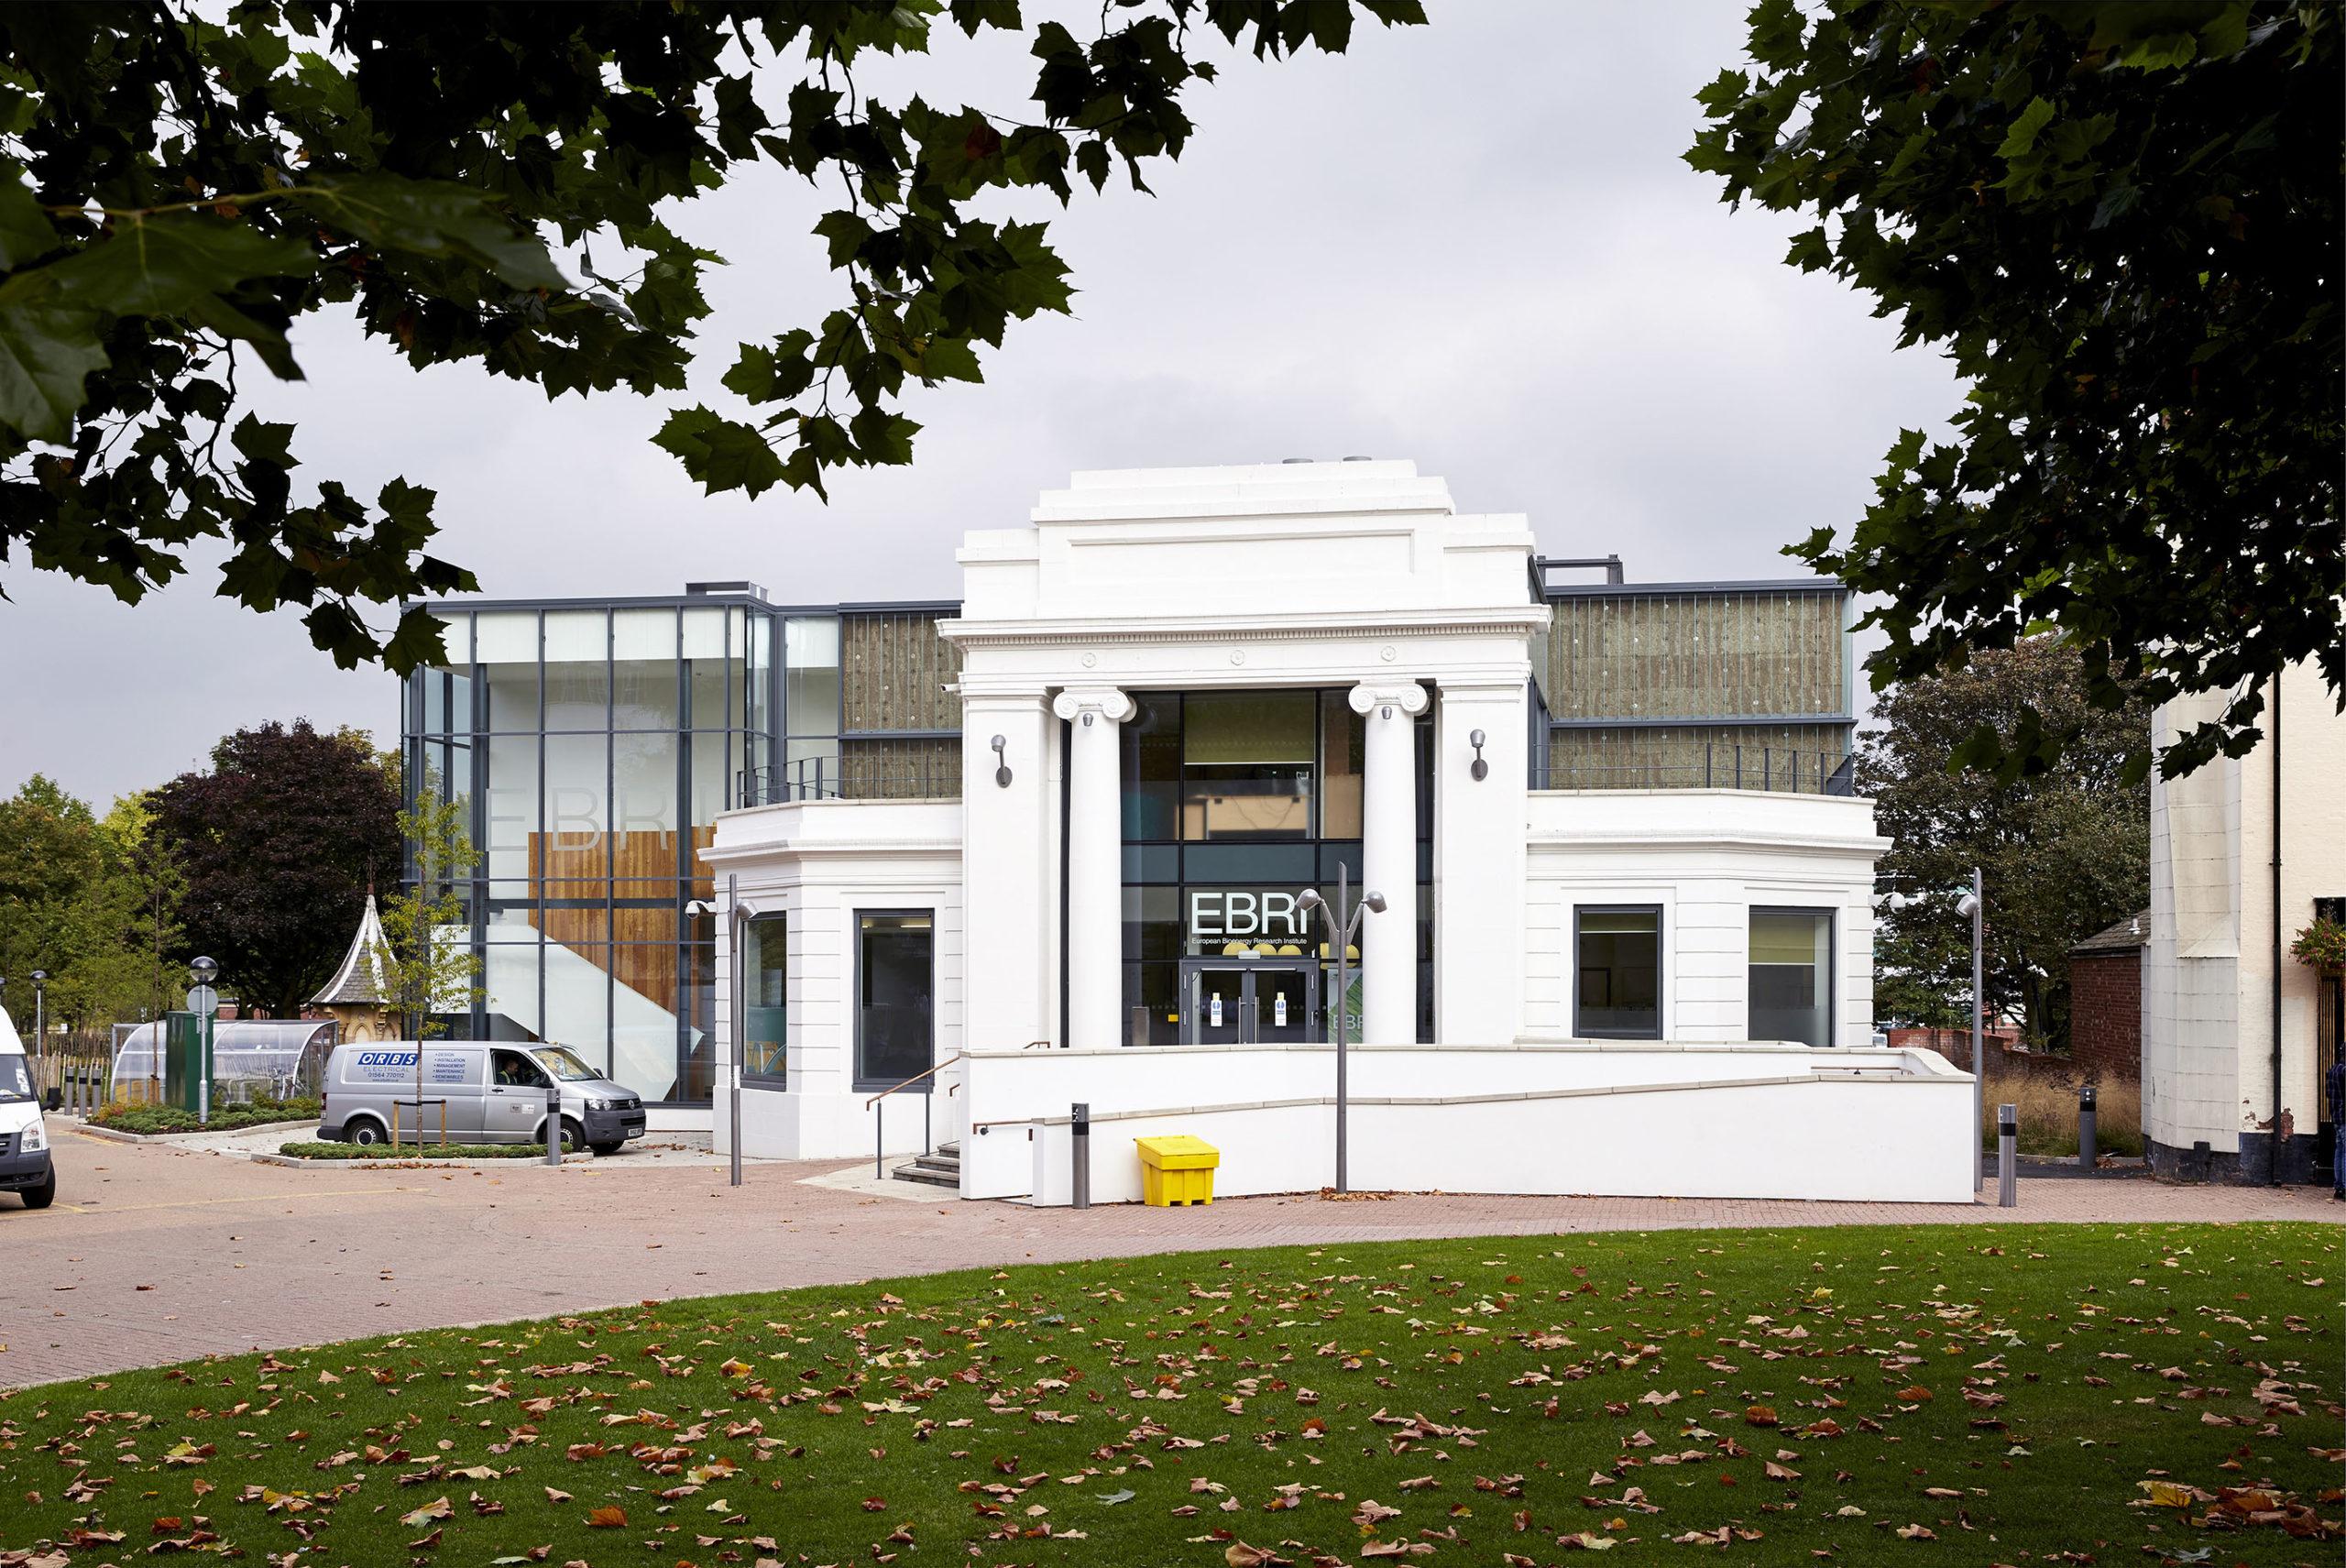 Picture by Edward Moss www.edwardmoss.co.uk